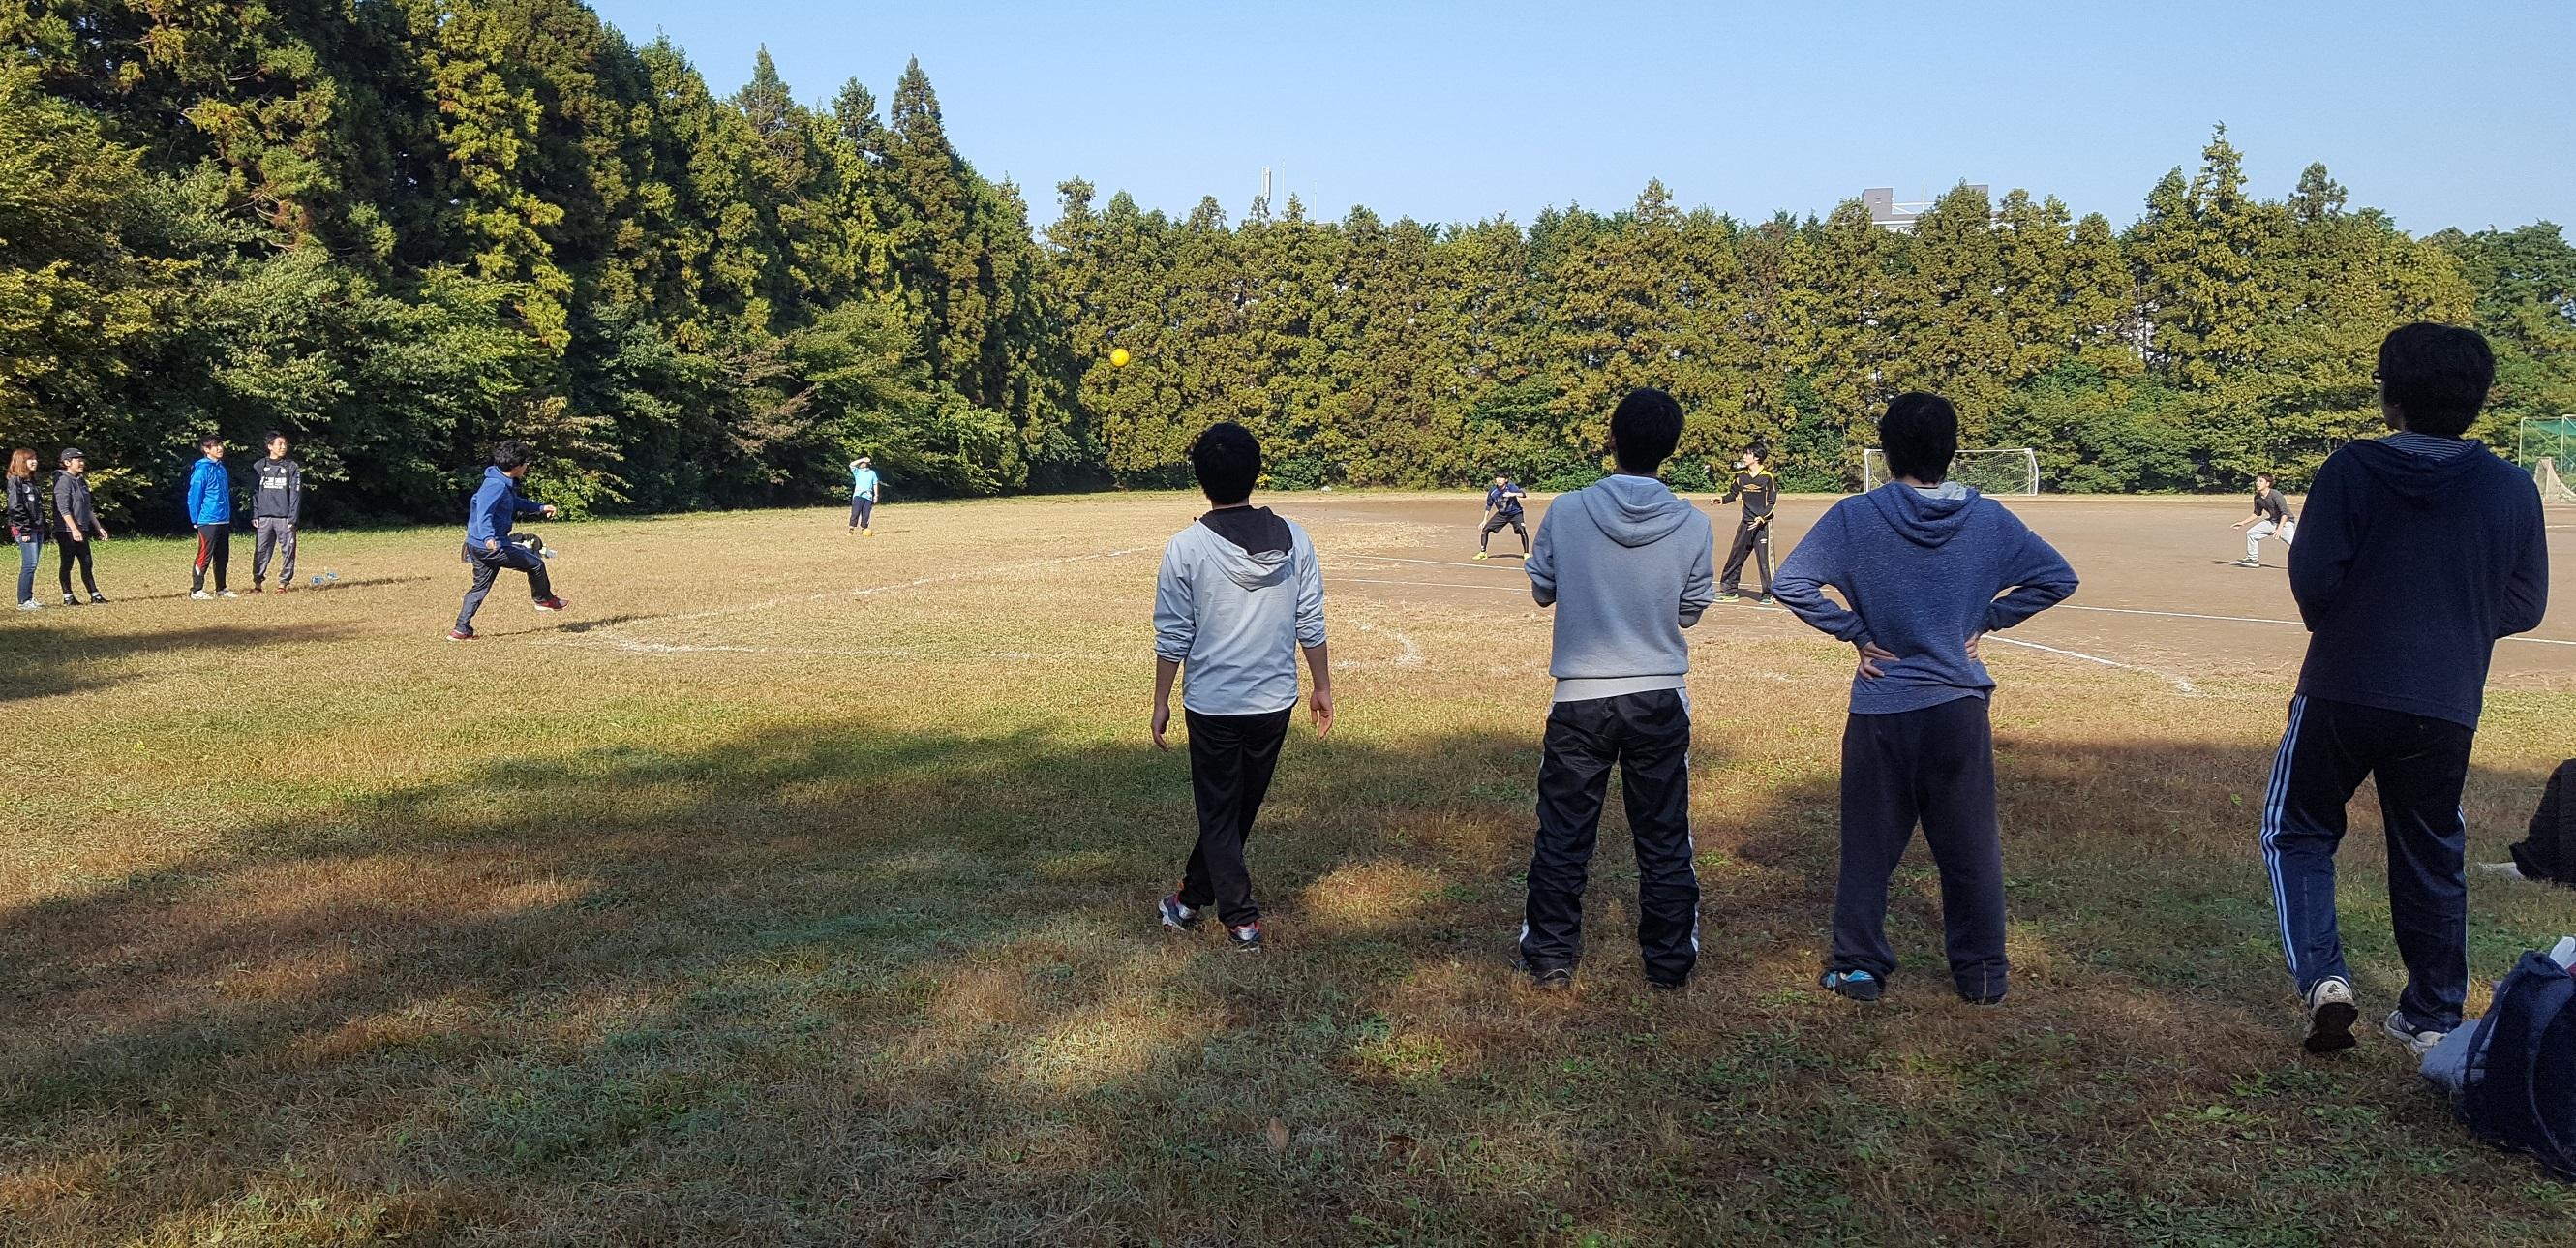 20161113_093609.jpg